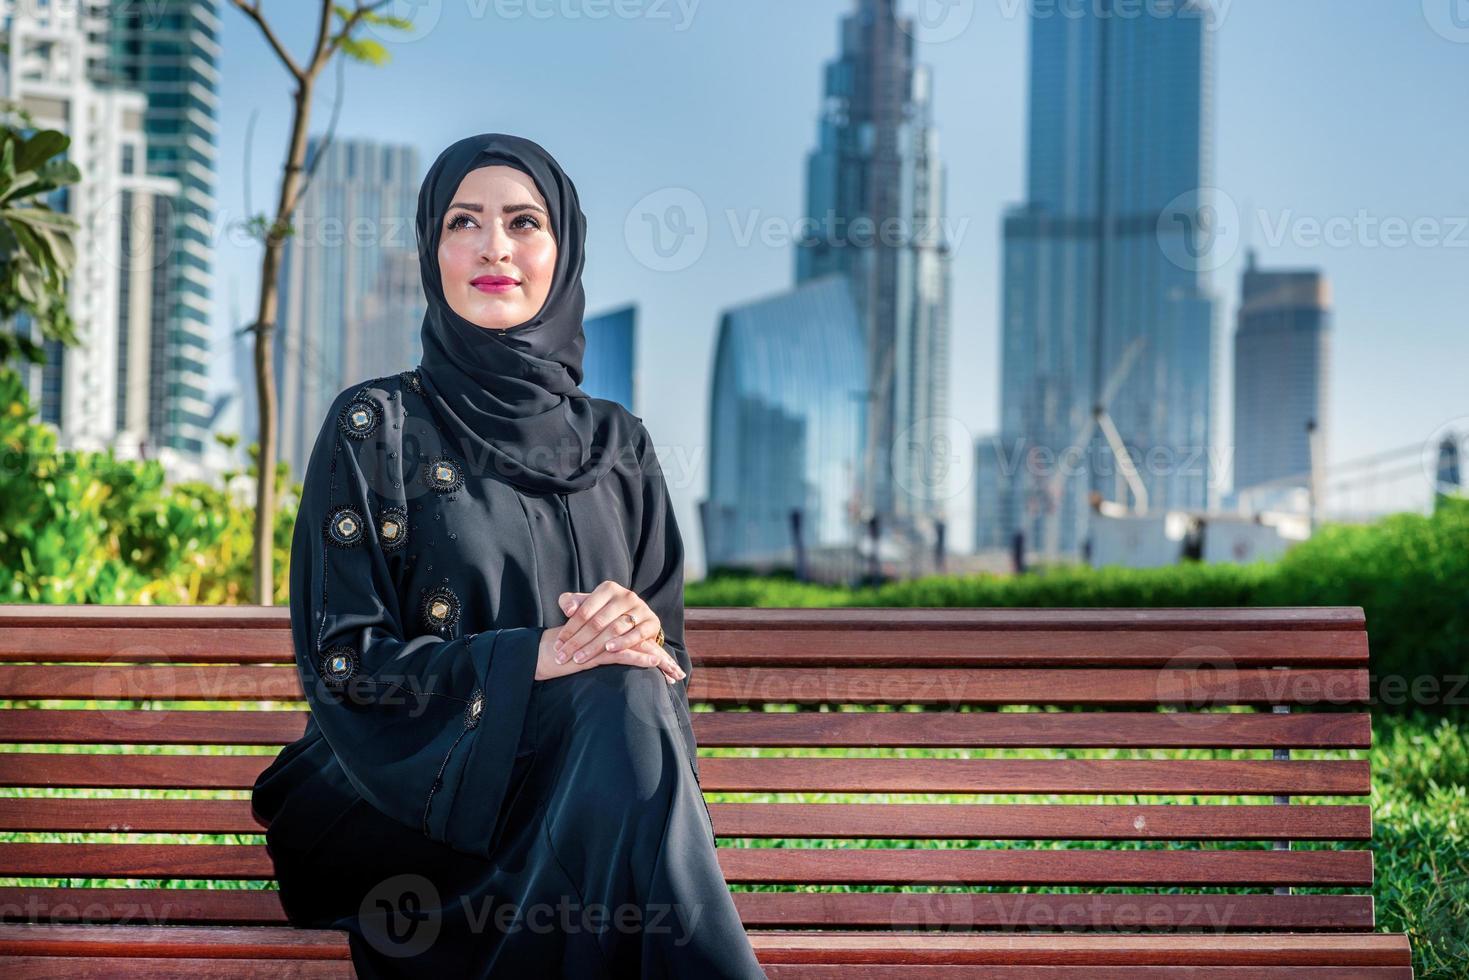 successo arabo. donne d'affari arabe in hijab seduto sulla panchina foto